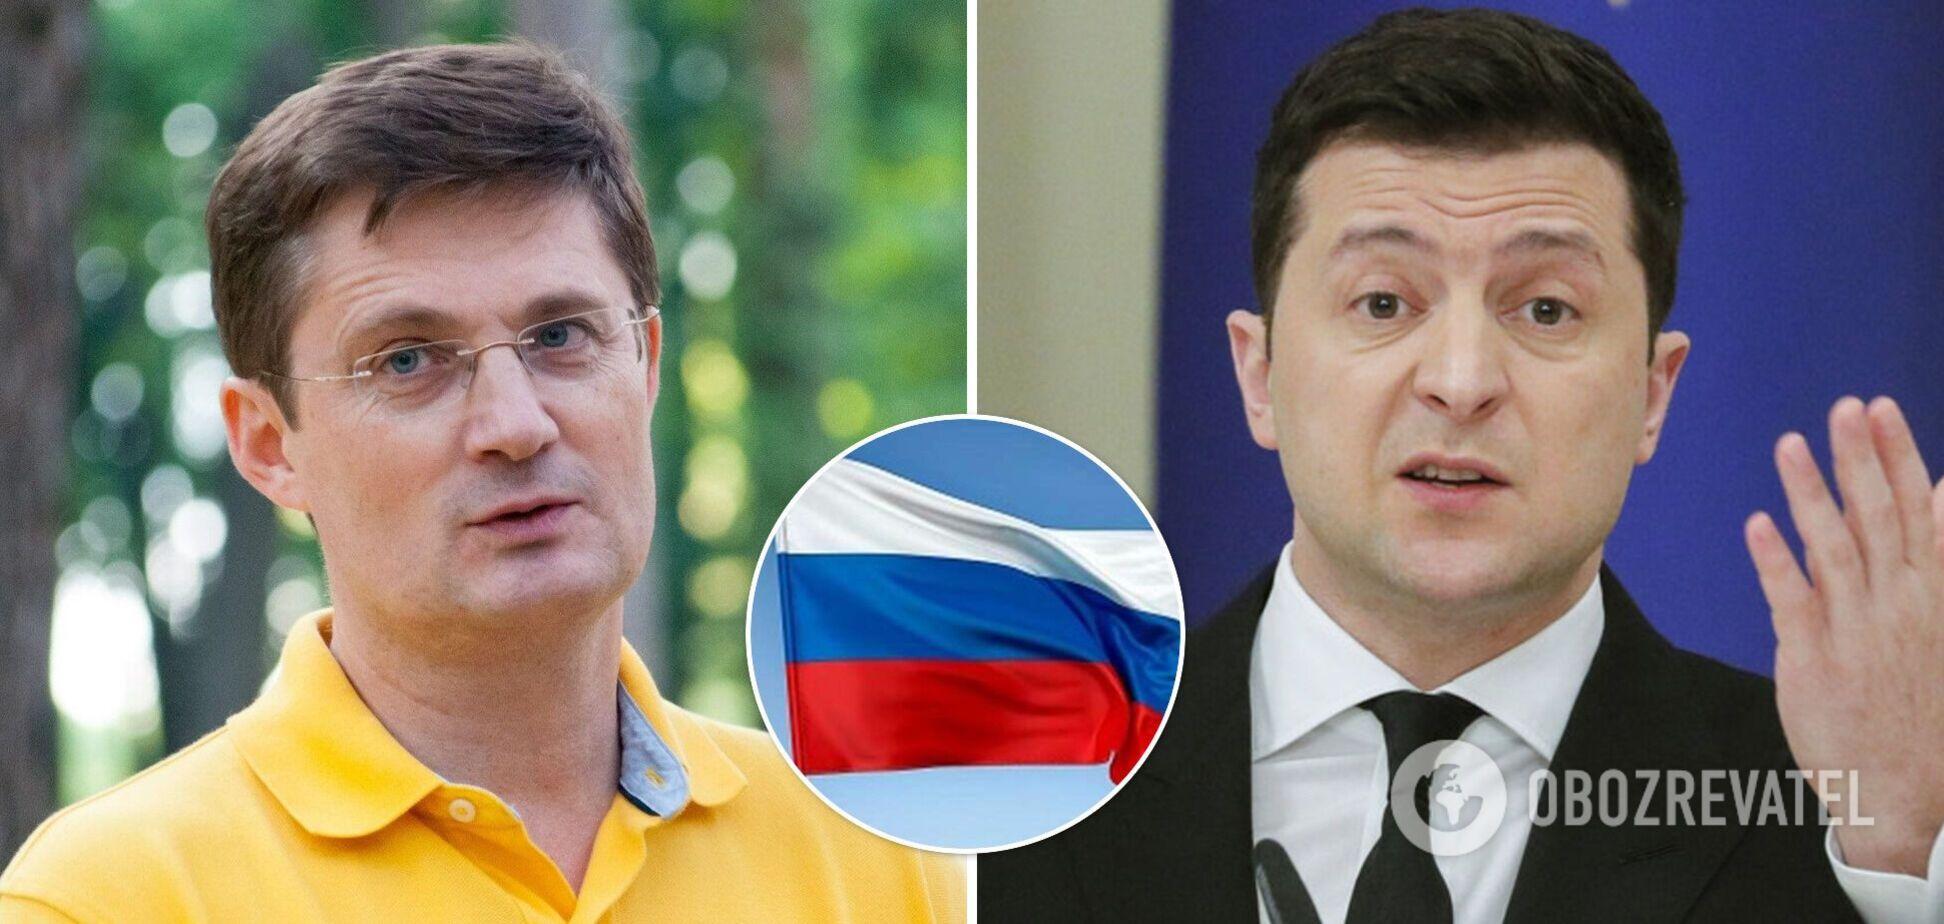 'Дико и бесчестно': Кондратюк потребовал у Зеленского запретить концерты российских звезд в Украине